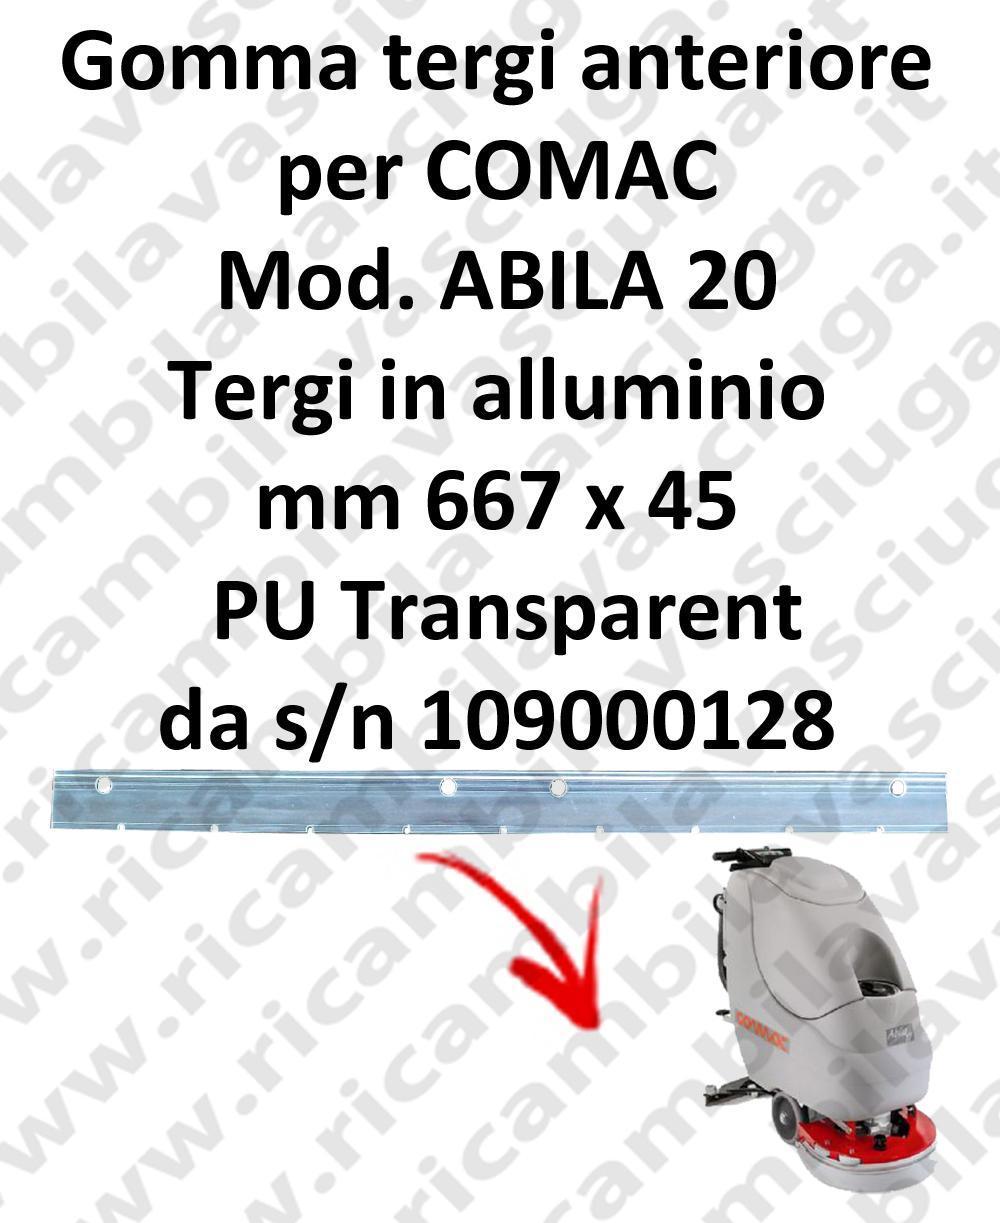 ABILA 20 da s/n 109000128 goma de secado delantera para COMAC repuestos fregadoras squeegee